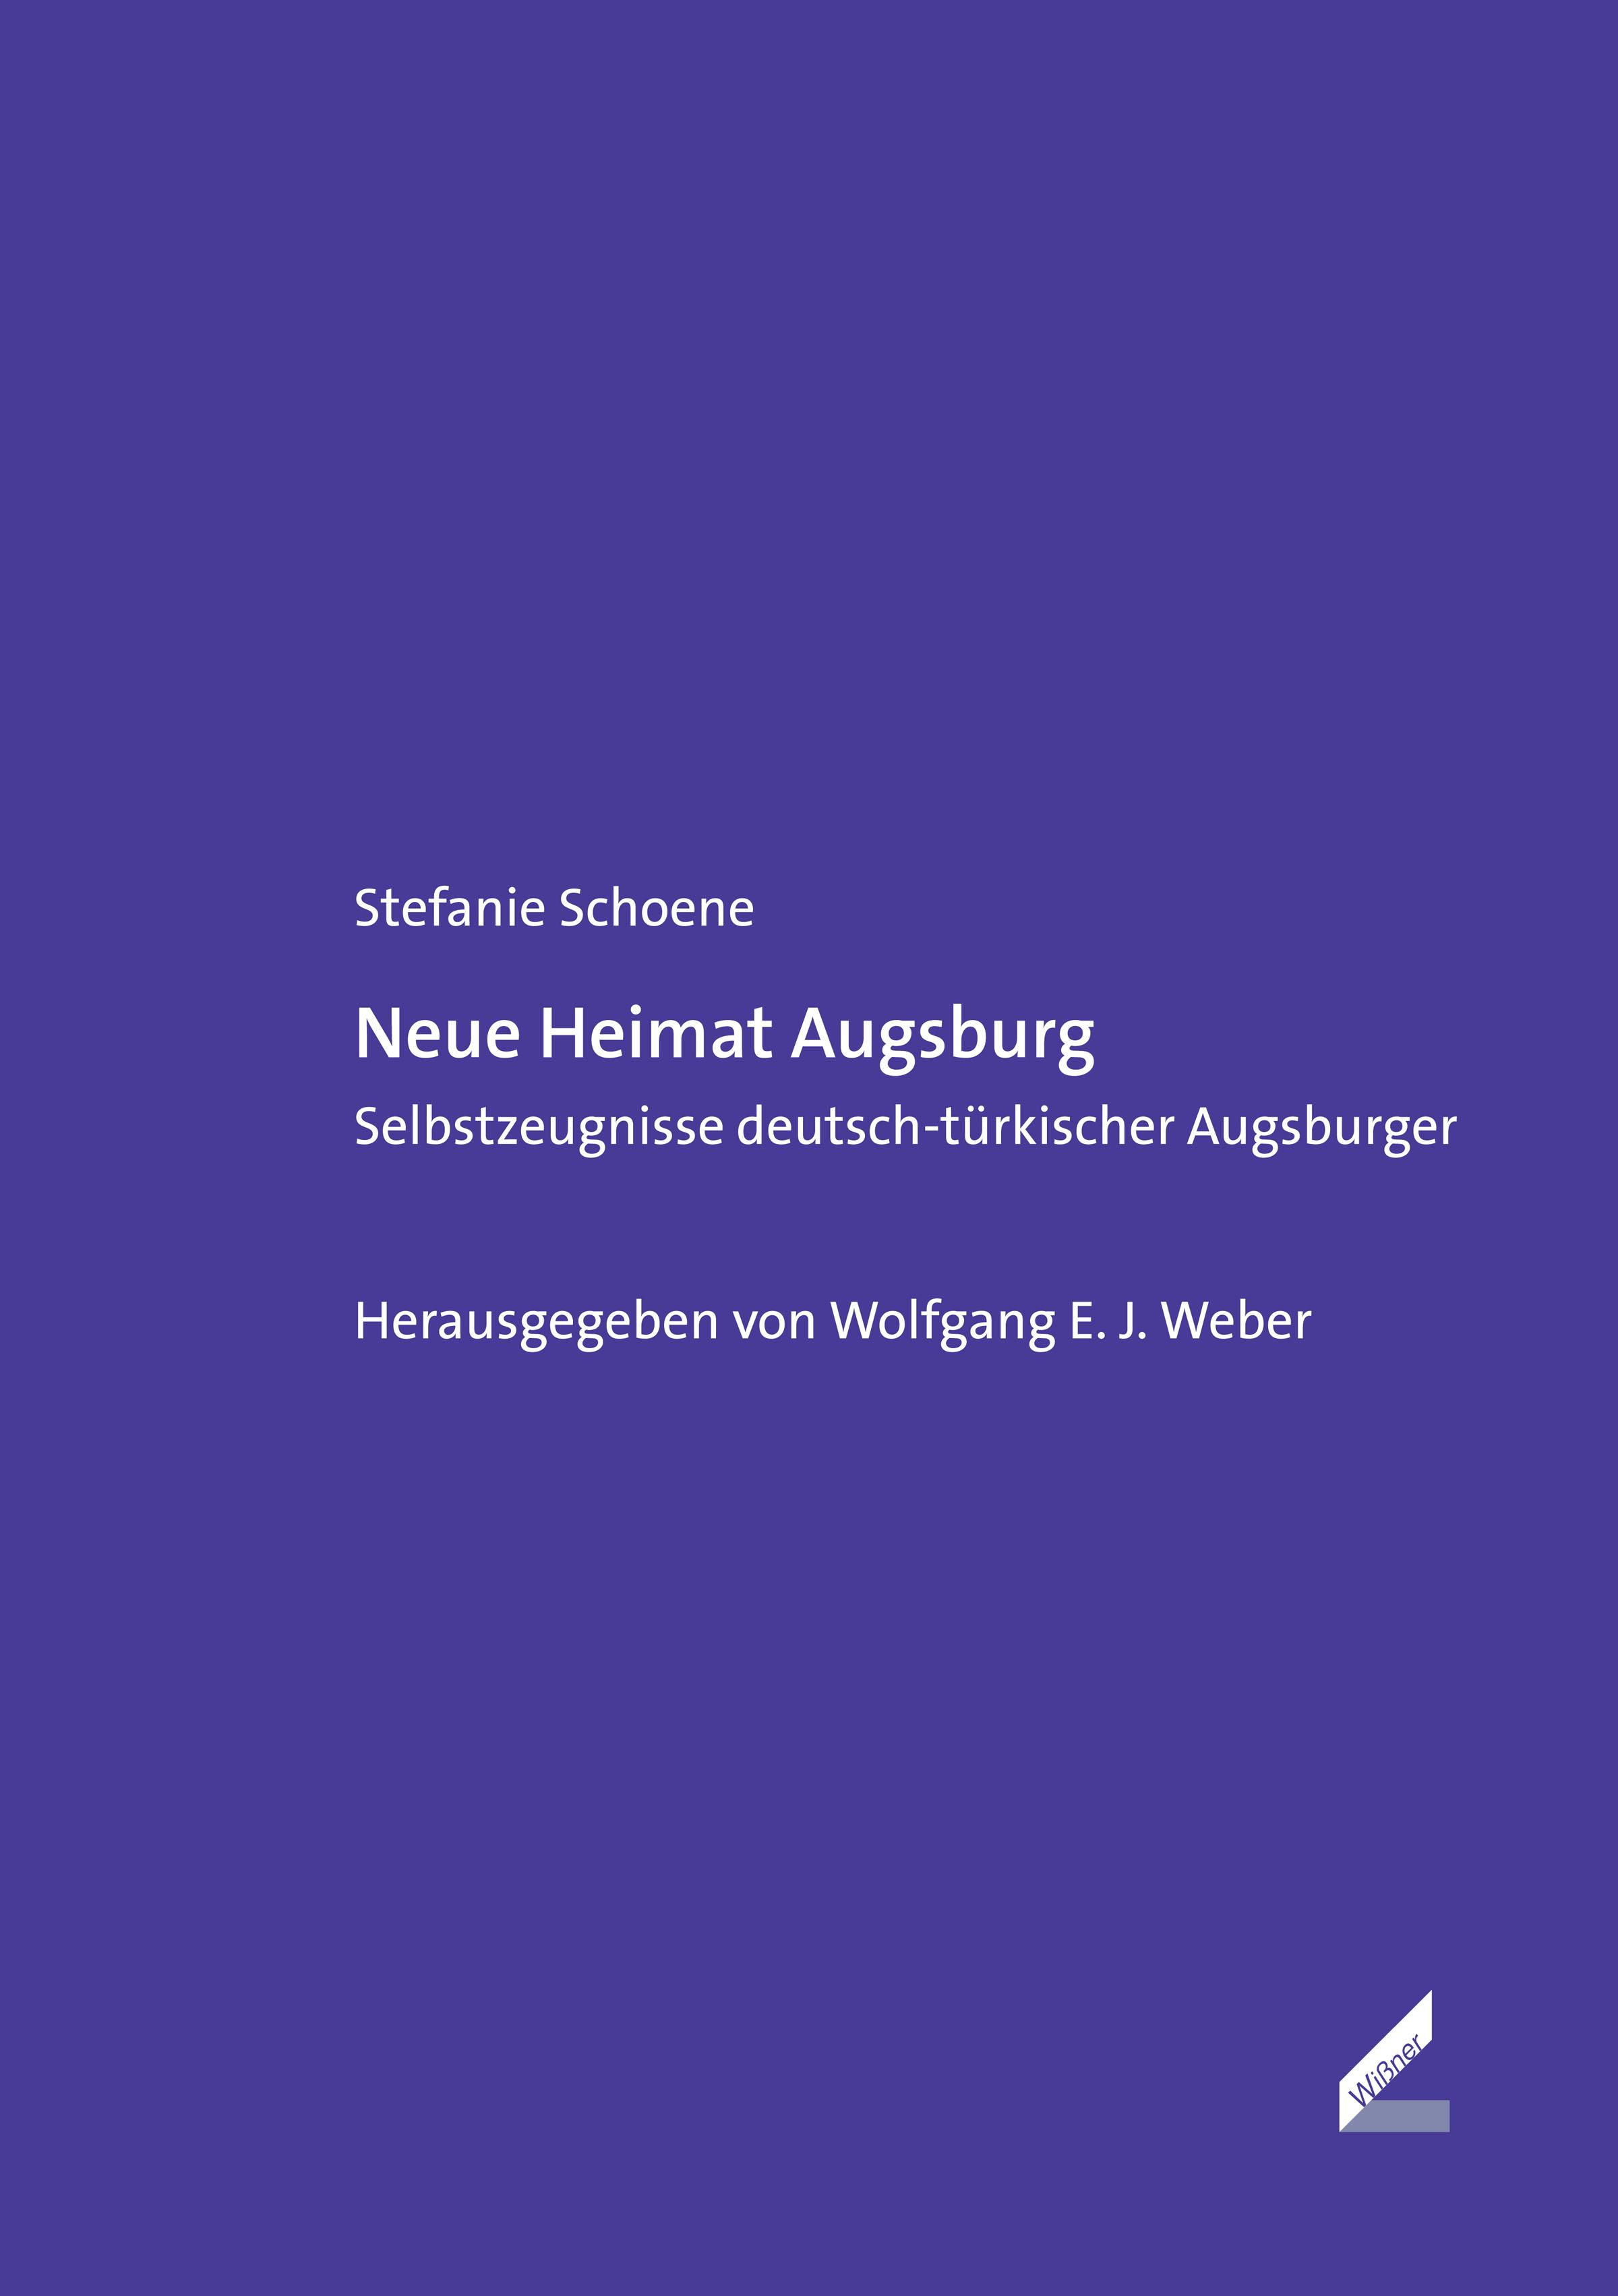 Neue-Heimat-Augsburg-Stefanie-Schoene